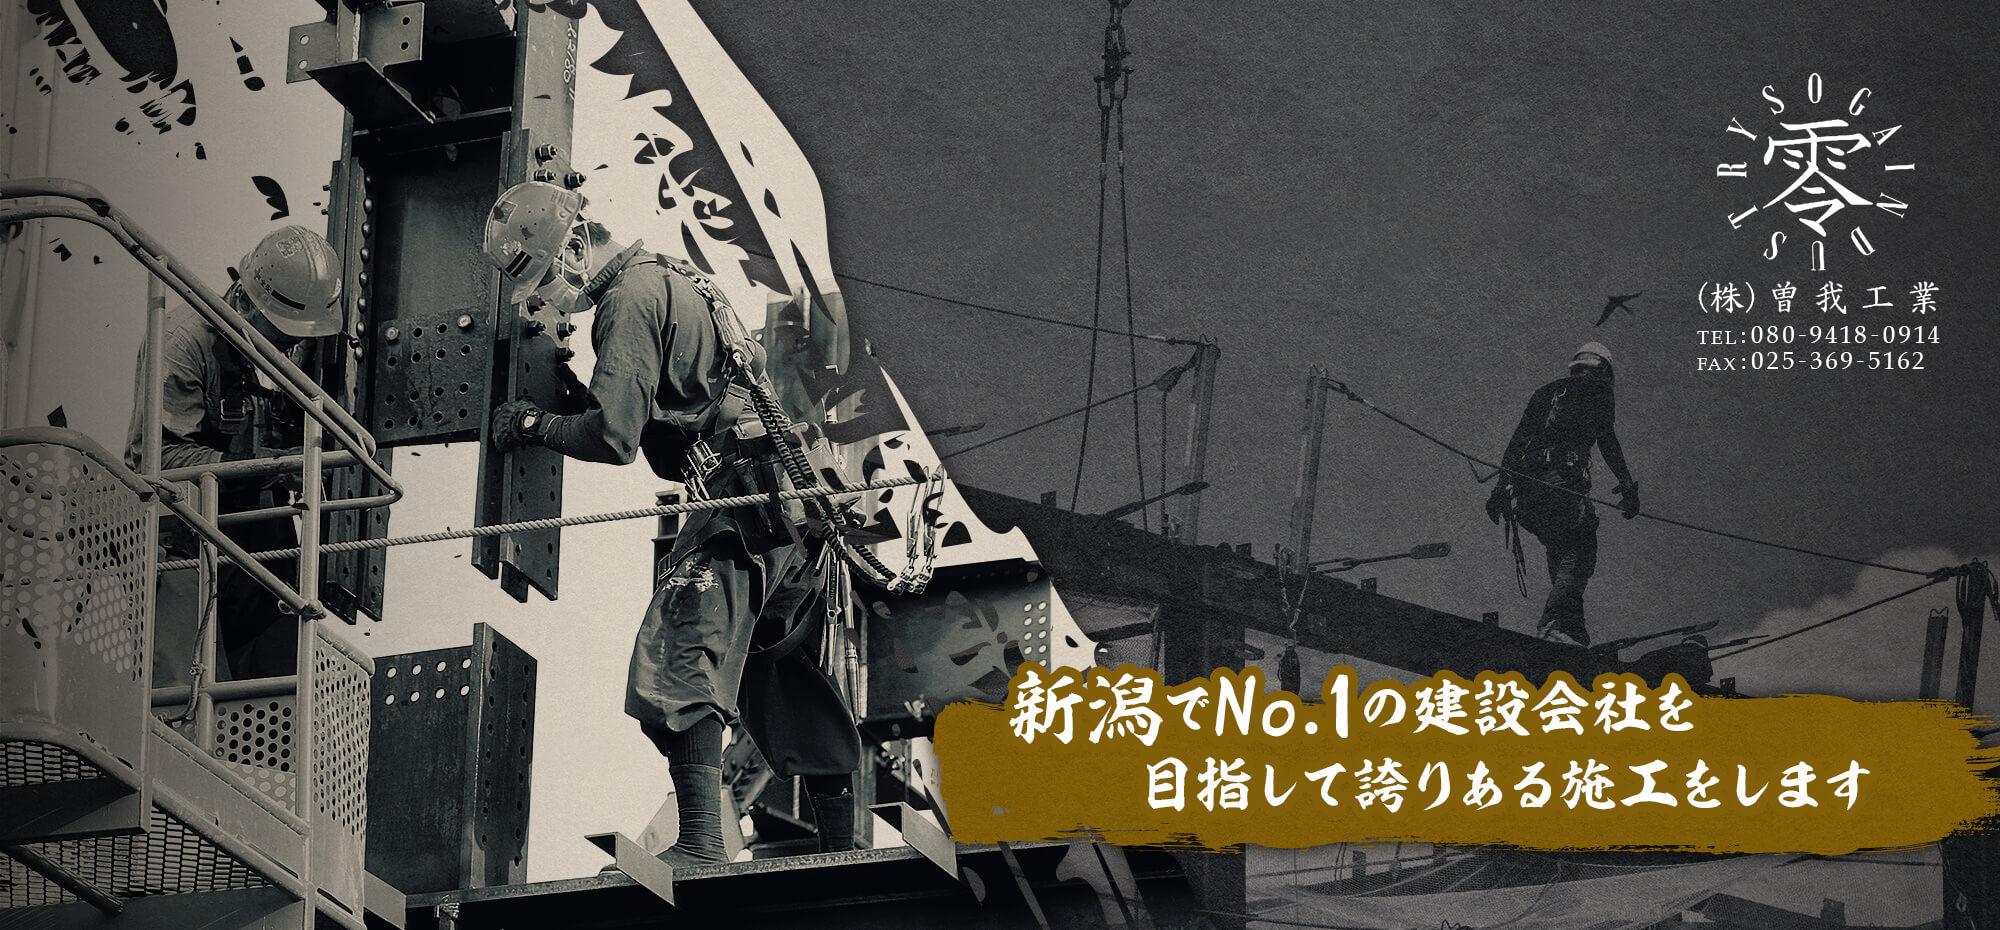 新潟でNo.1の建設会社を目指して誇りある施工をします